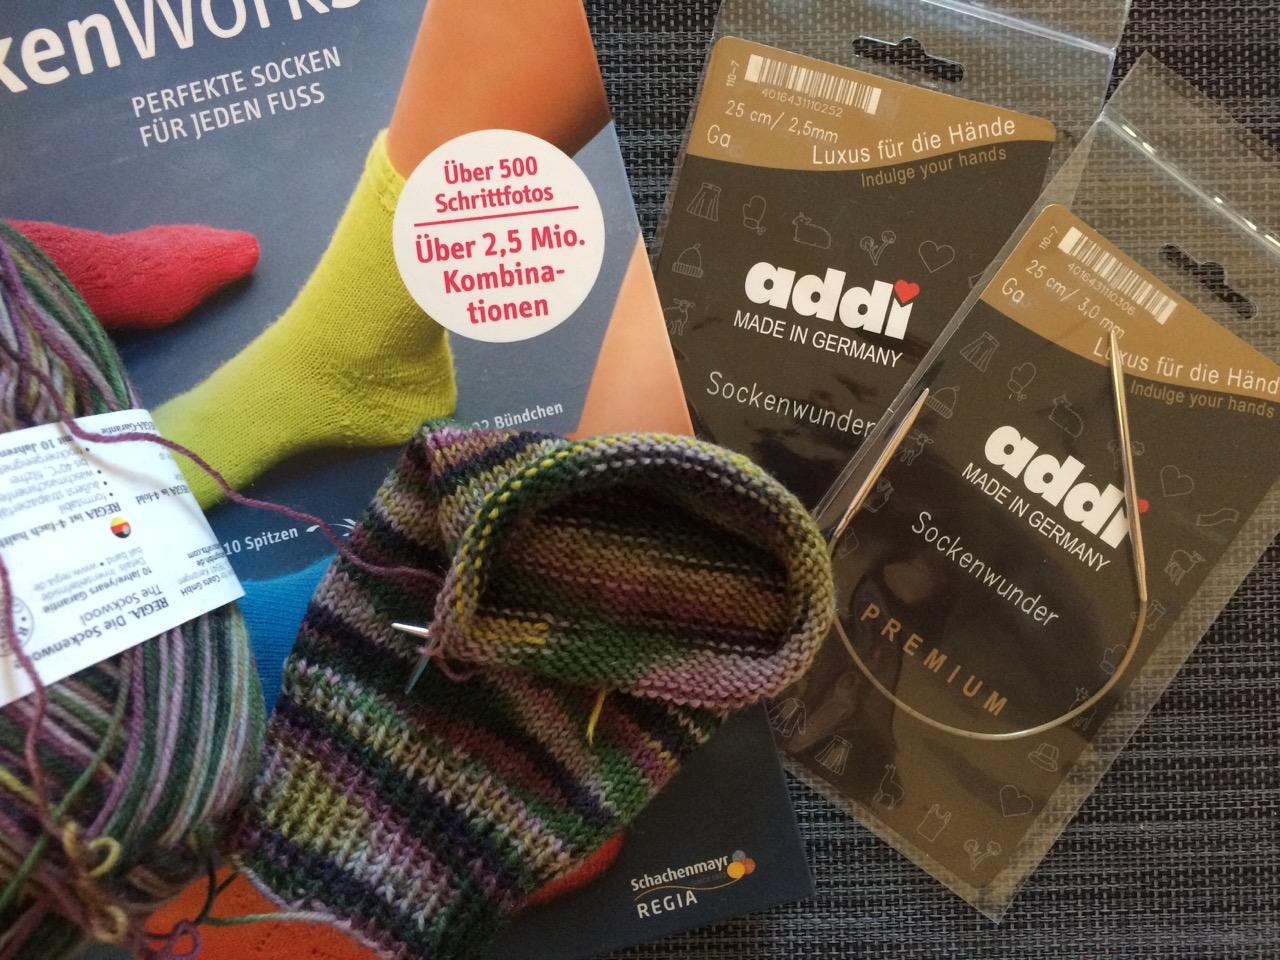 Socken stricken mit dem Addi Sockenwunder